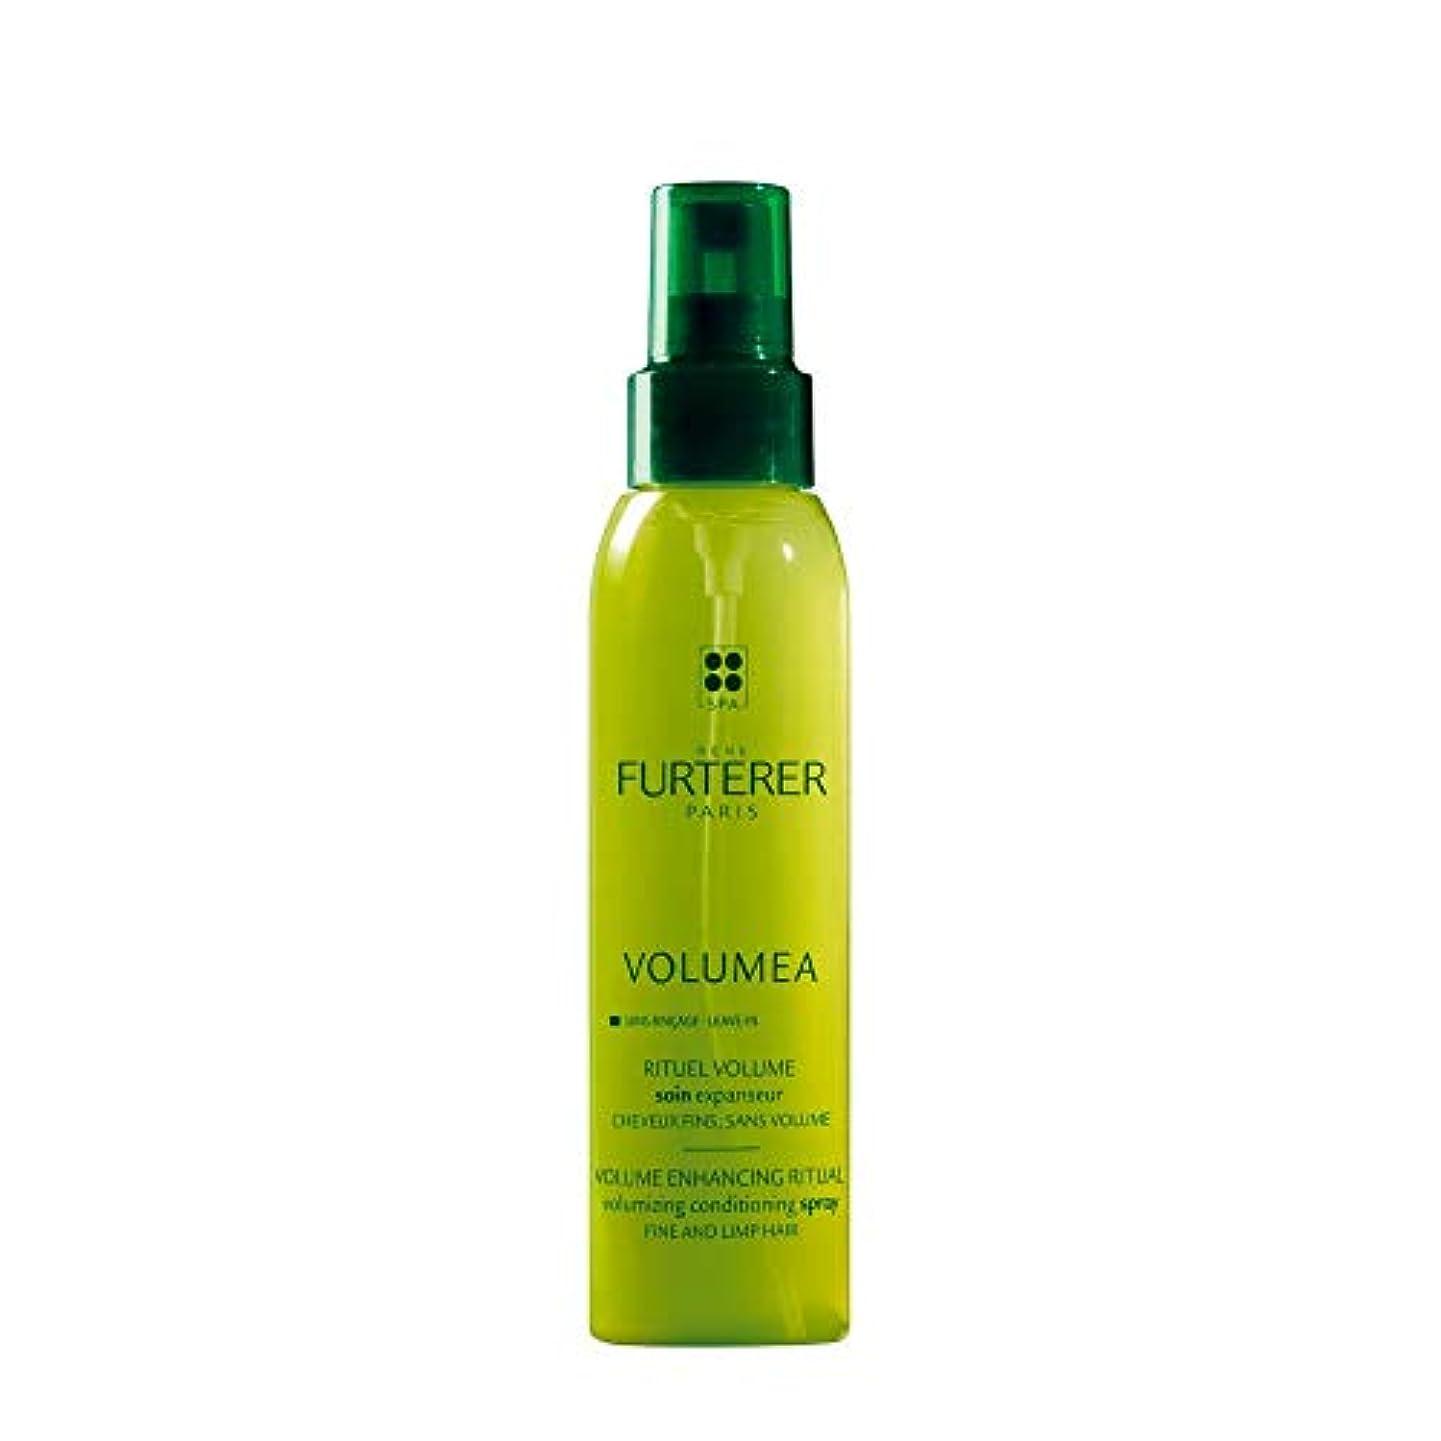 フェード不規則な立ち寄るルネ フルトレール Volumea Volume Enhancing Ritual Volumizing Conditioning Spray (Fine and Limp Hair) 125ml/4.2oz並行輸入品